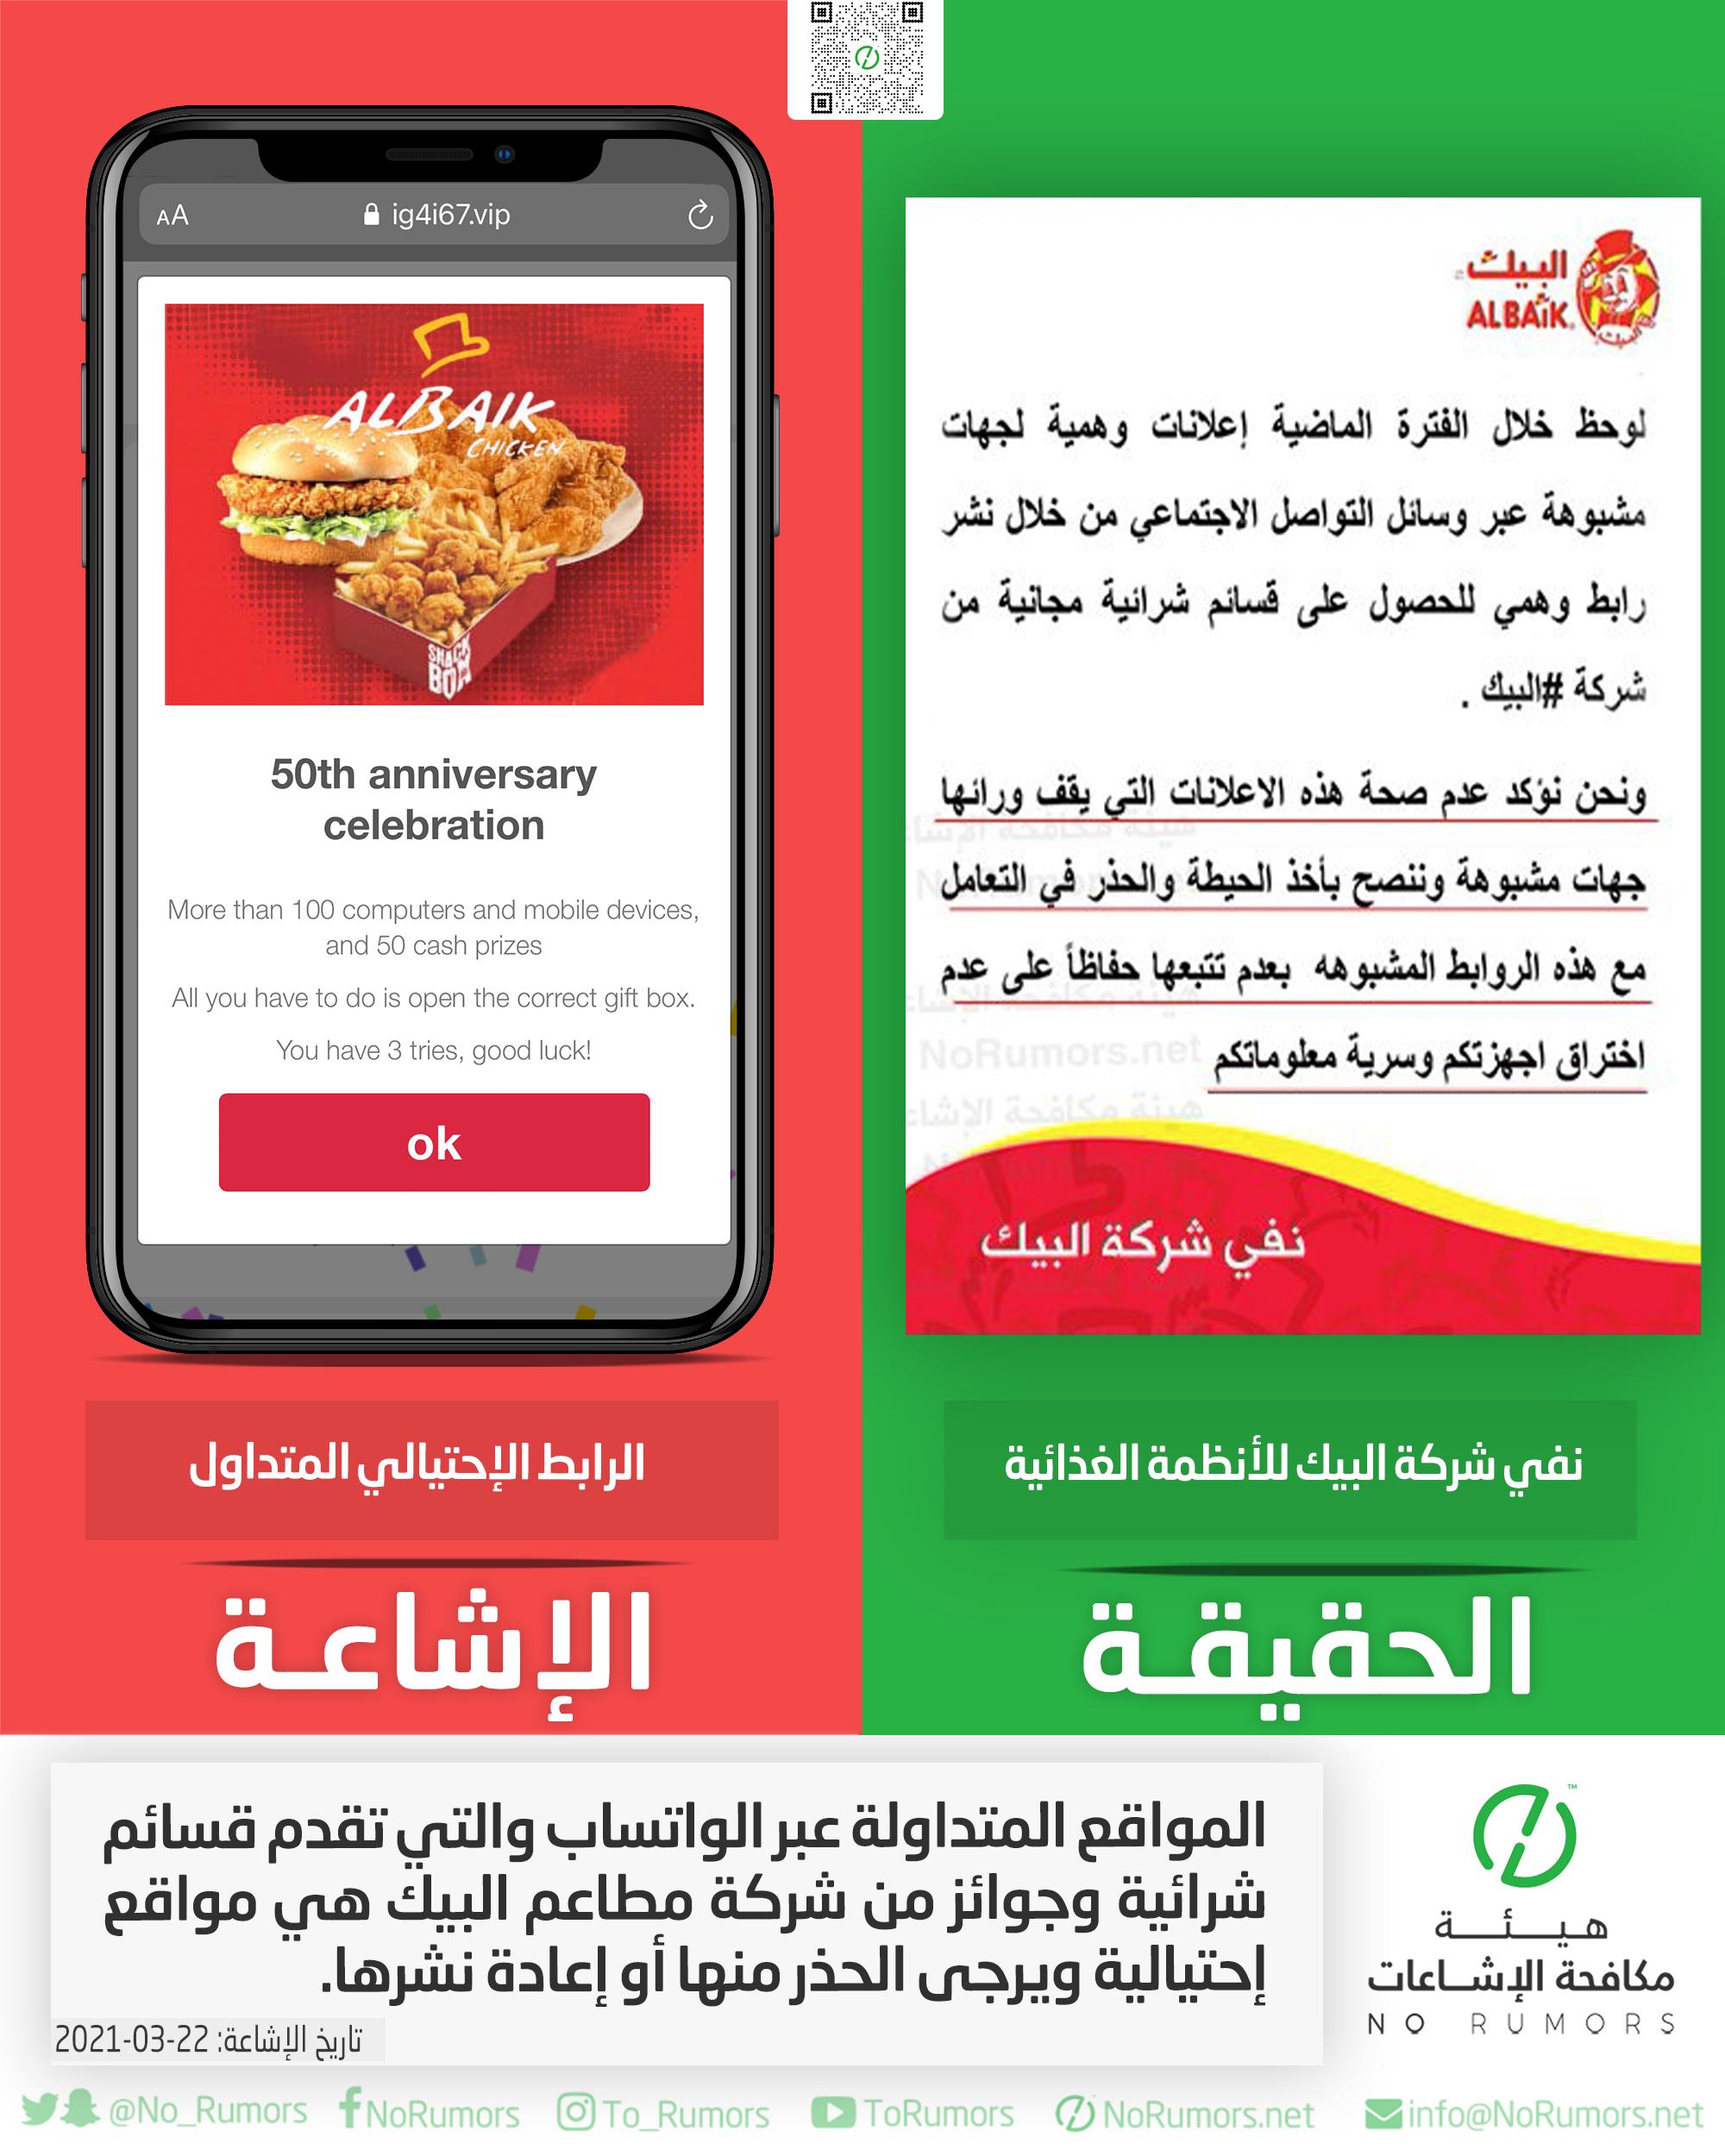 حقيقة المواقع المتداولة عبر الواتساب والتي تقدم قسائم شرائية وجوائز من شركة مطاعم البيك